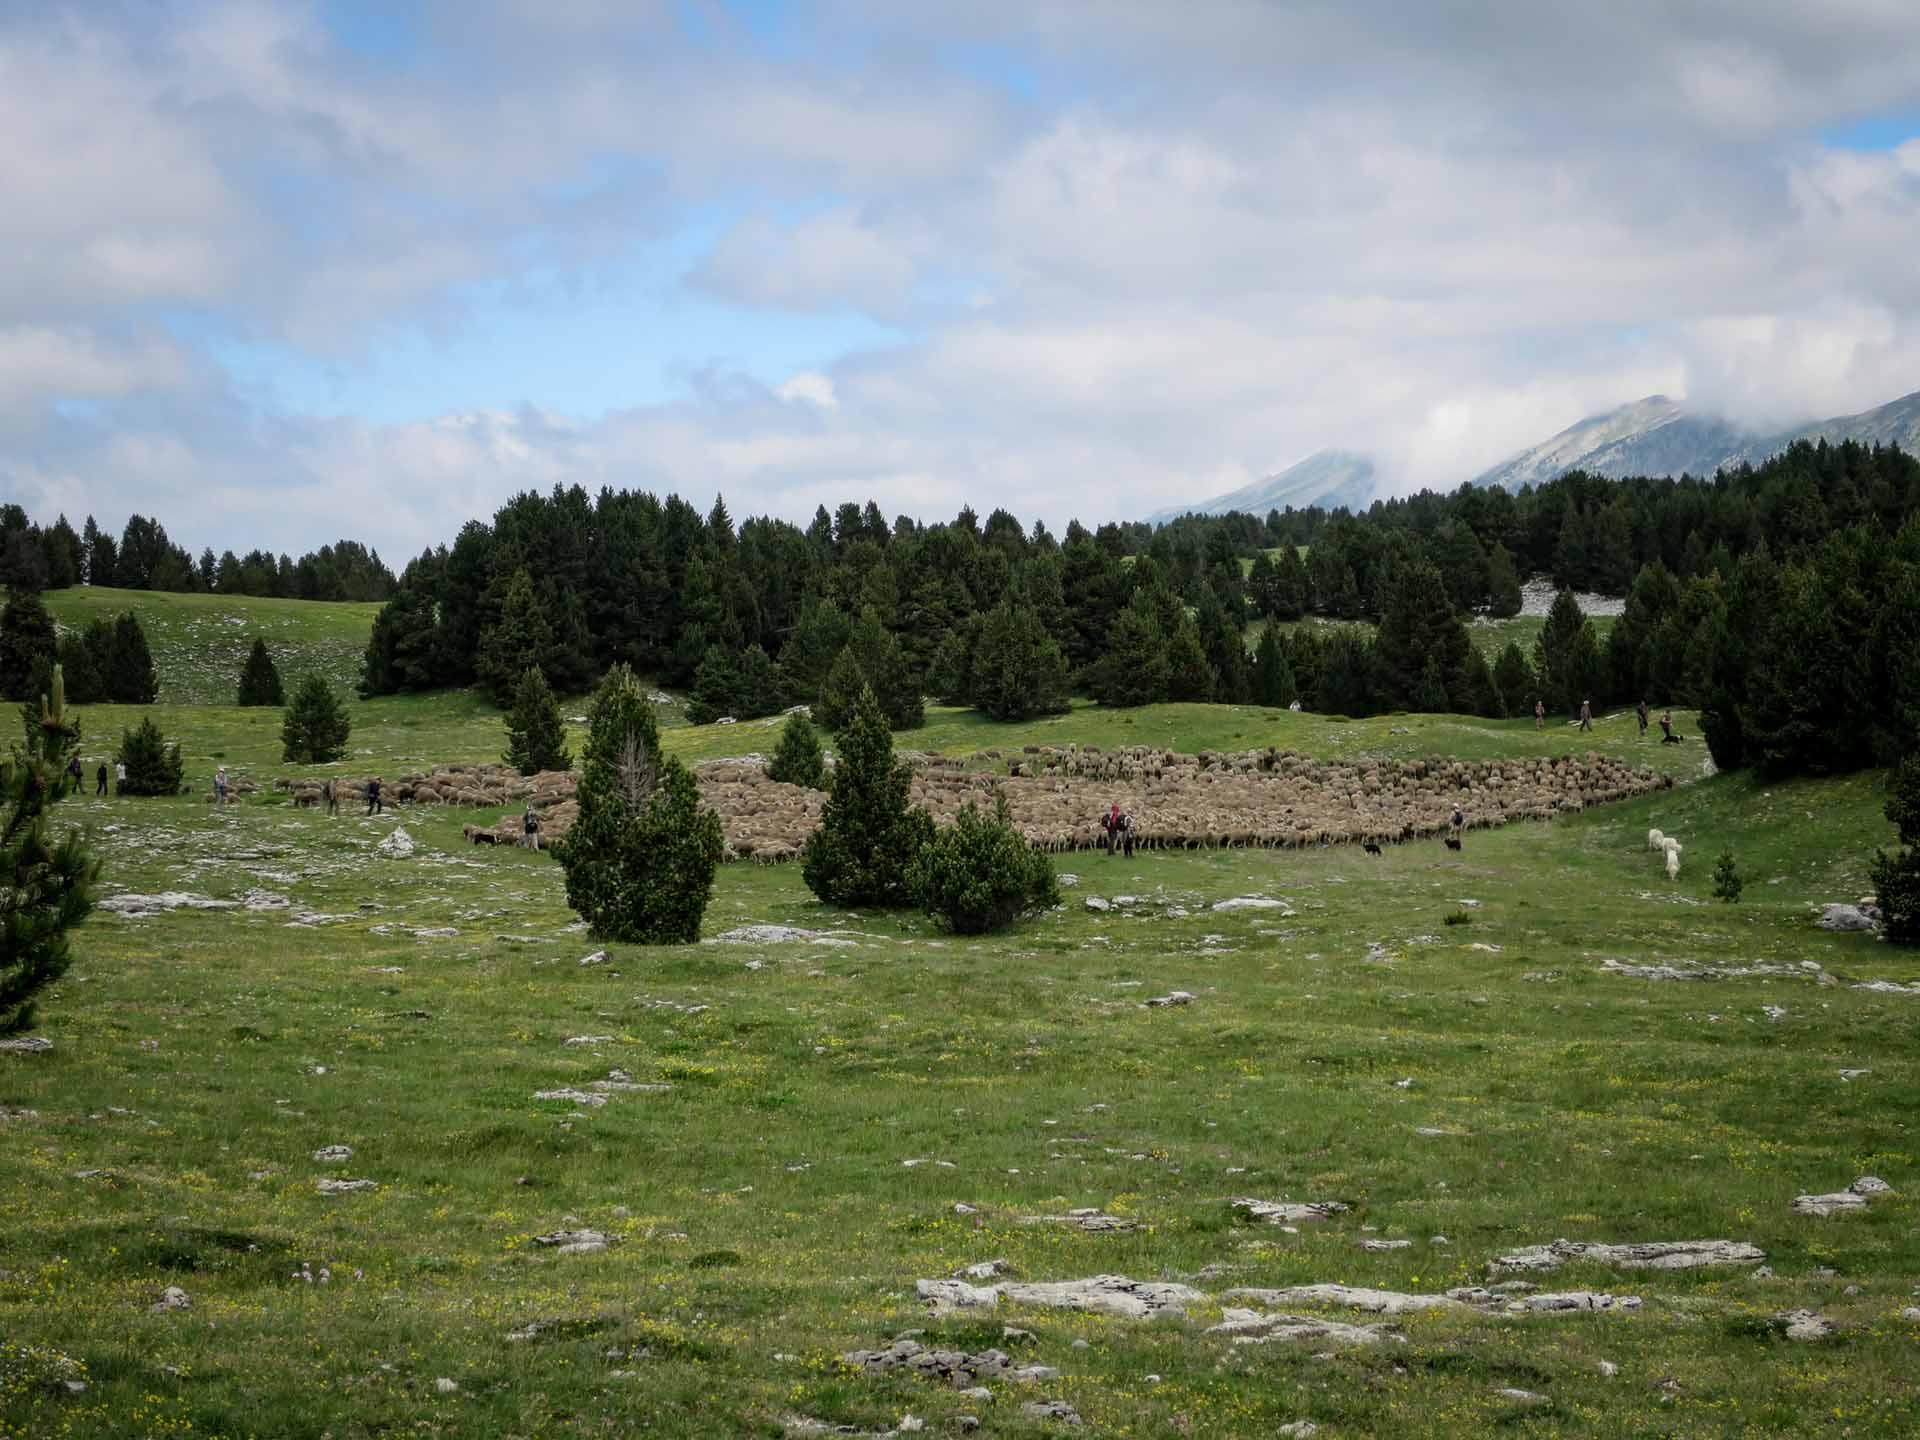 Transumance Berger Hauts Plateaux Vercors Grand Veymont Slow Rando